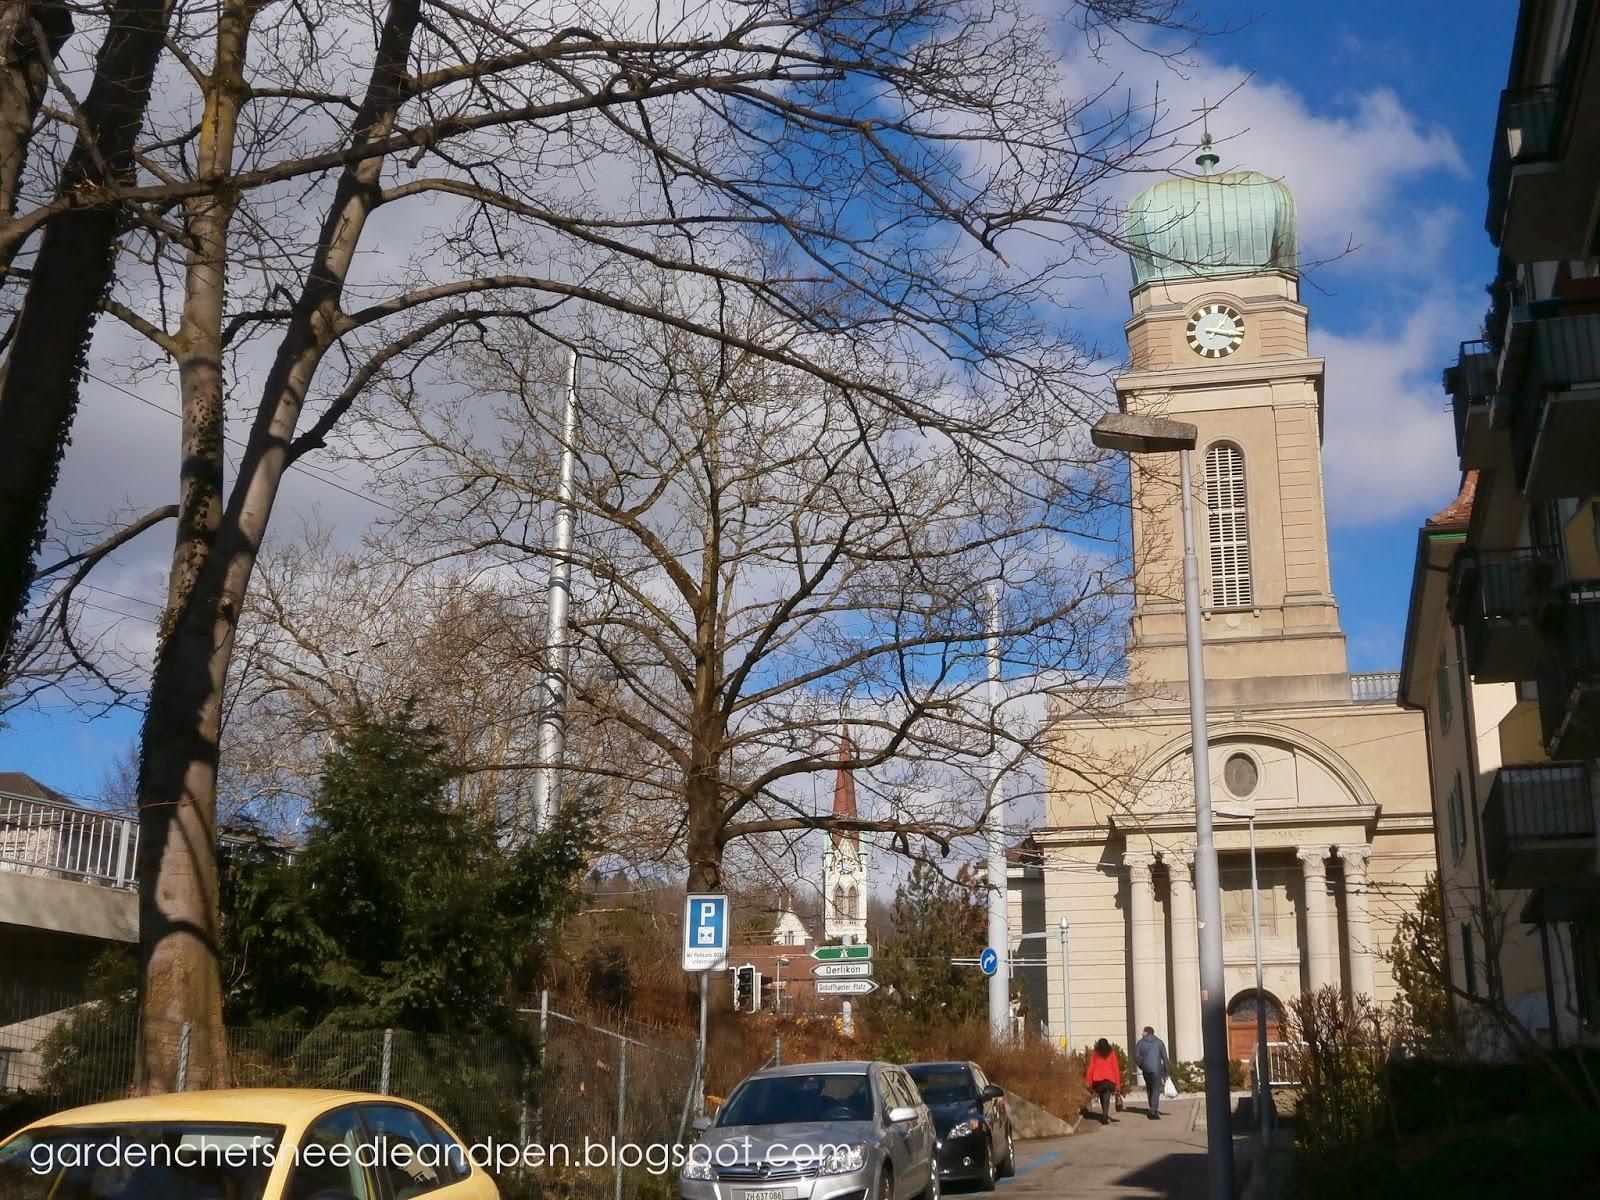 Kirche Bilder Zum Ausmalen - Kirche Bild Kommunion Bilder zum Ausmalen und